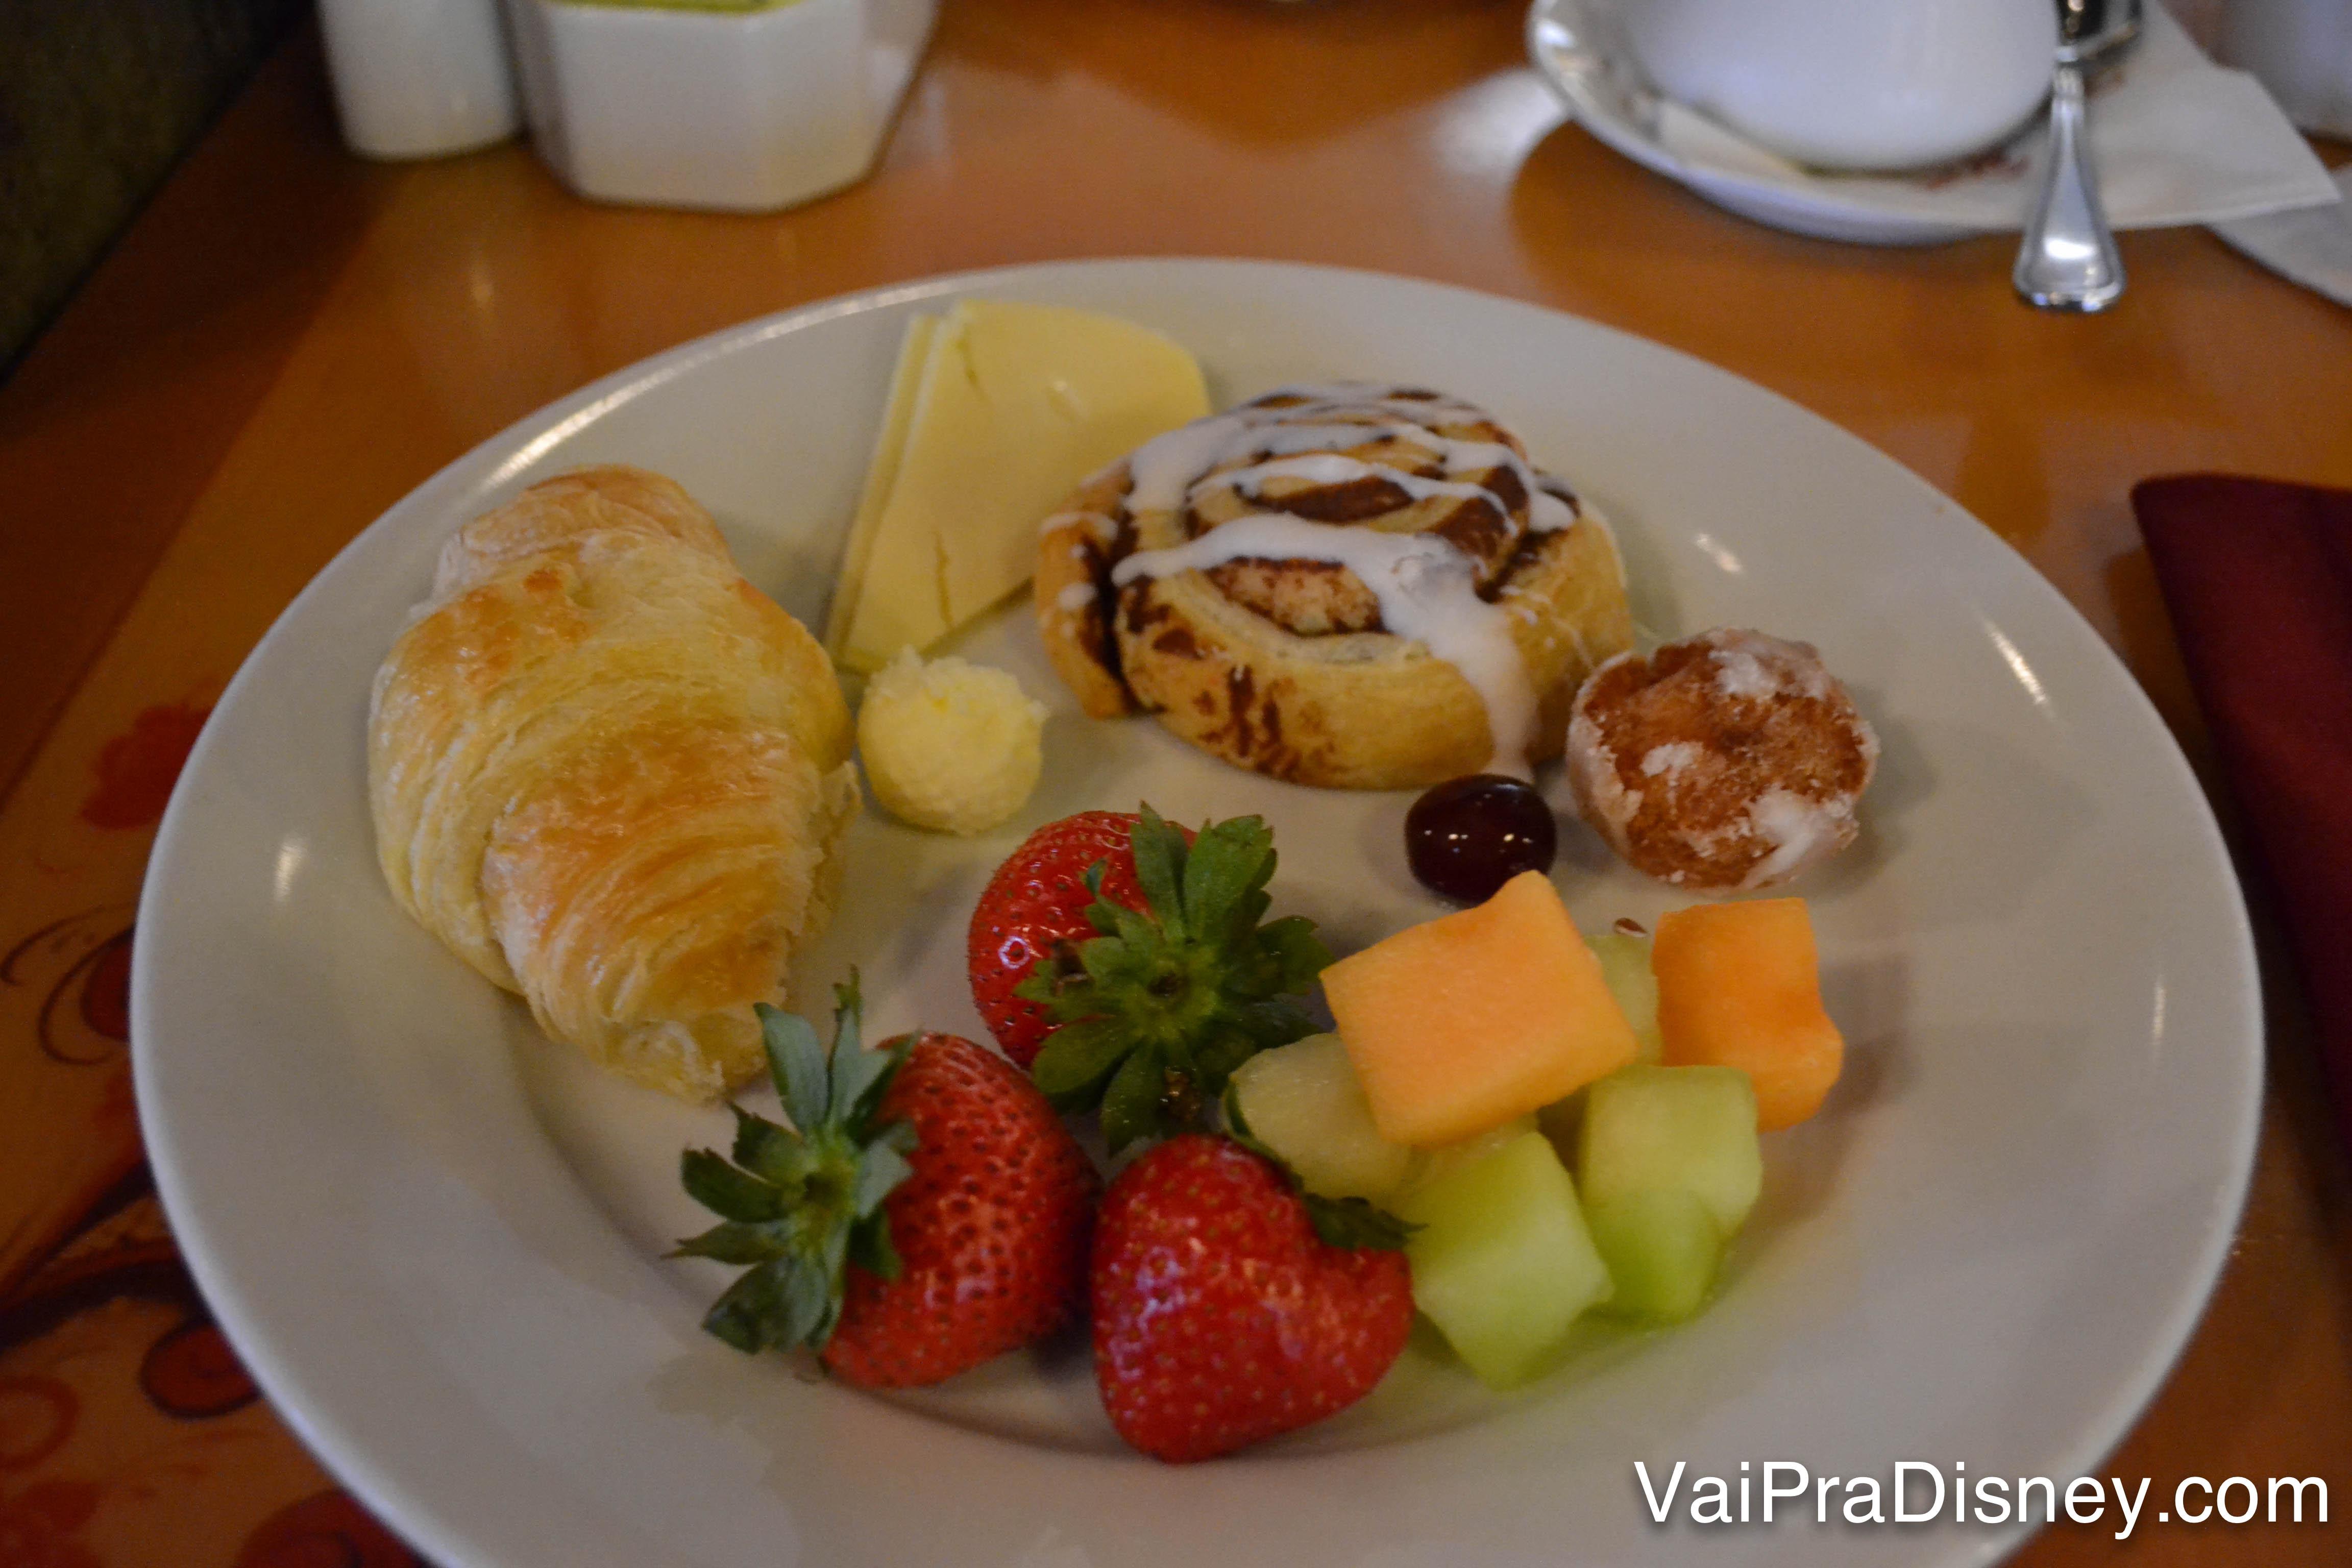 Foto do prato da Renata no café da manhã no Akershus, com croissant, pão doce, queijo e frutas